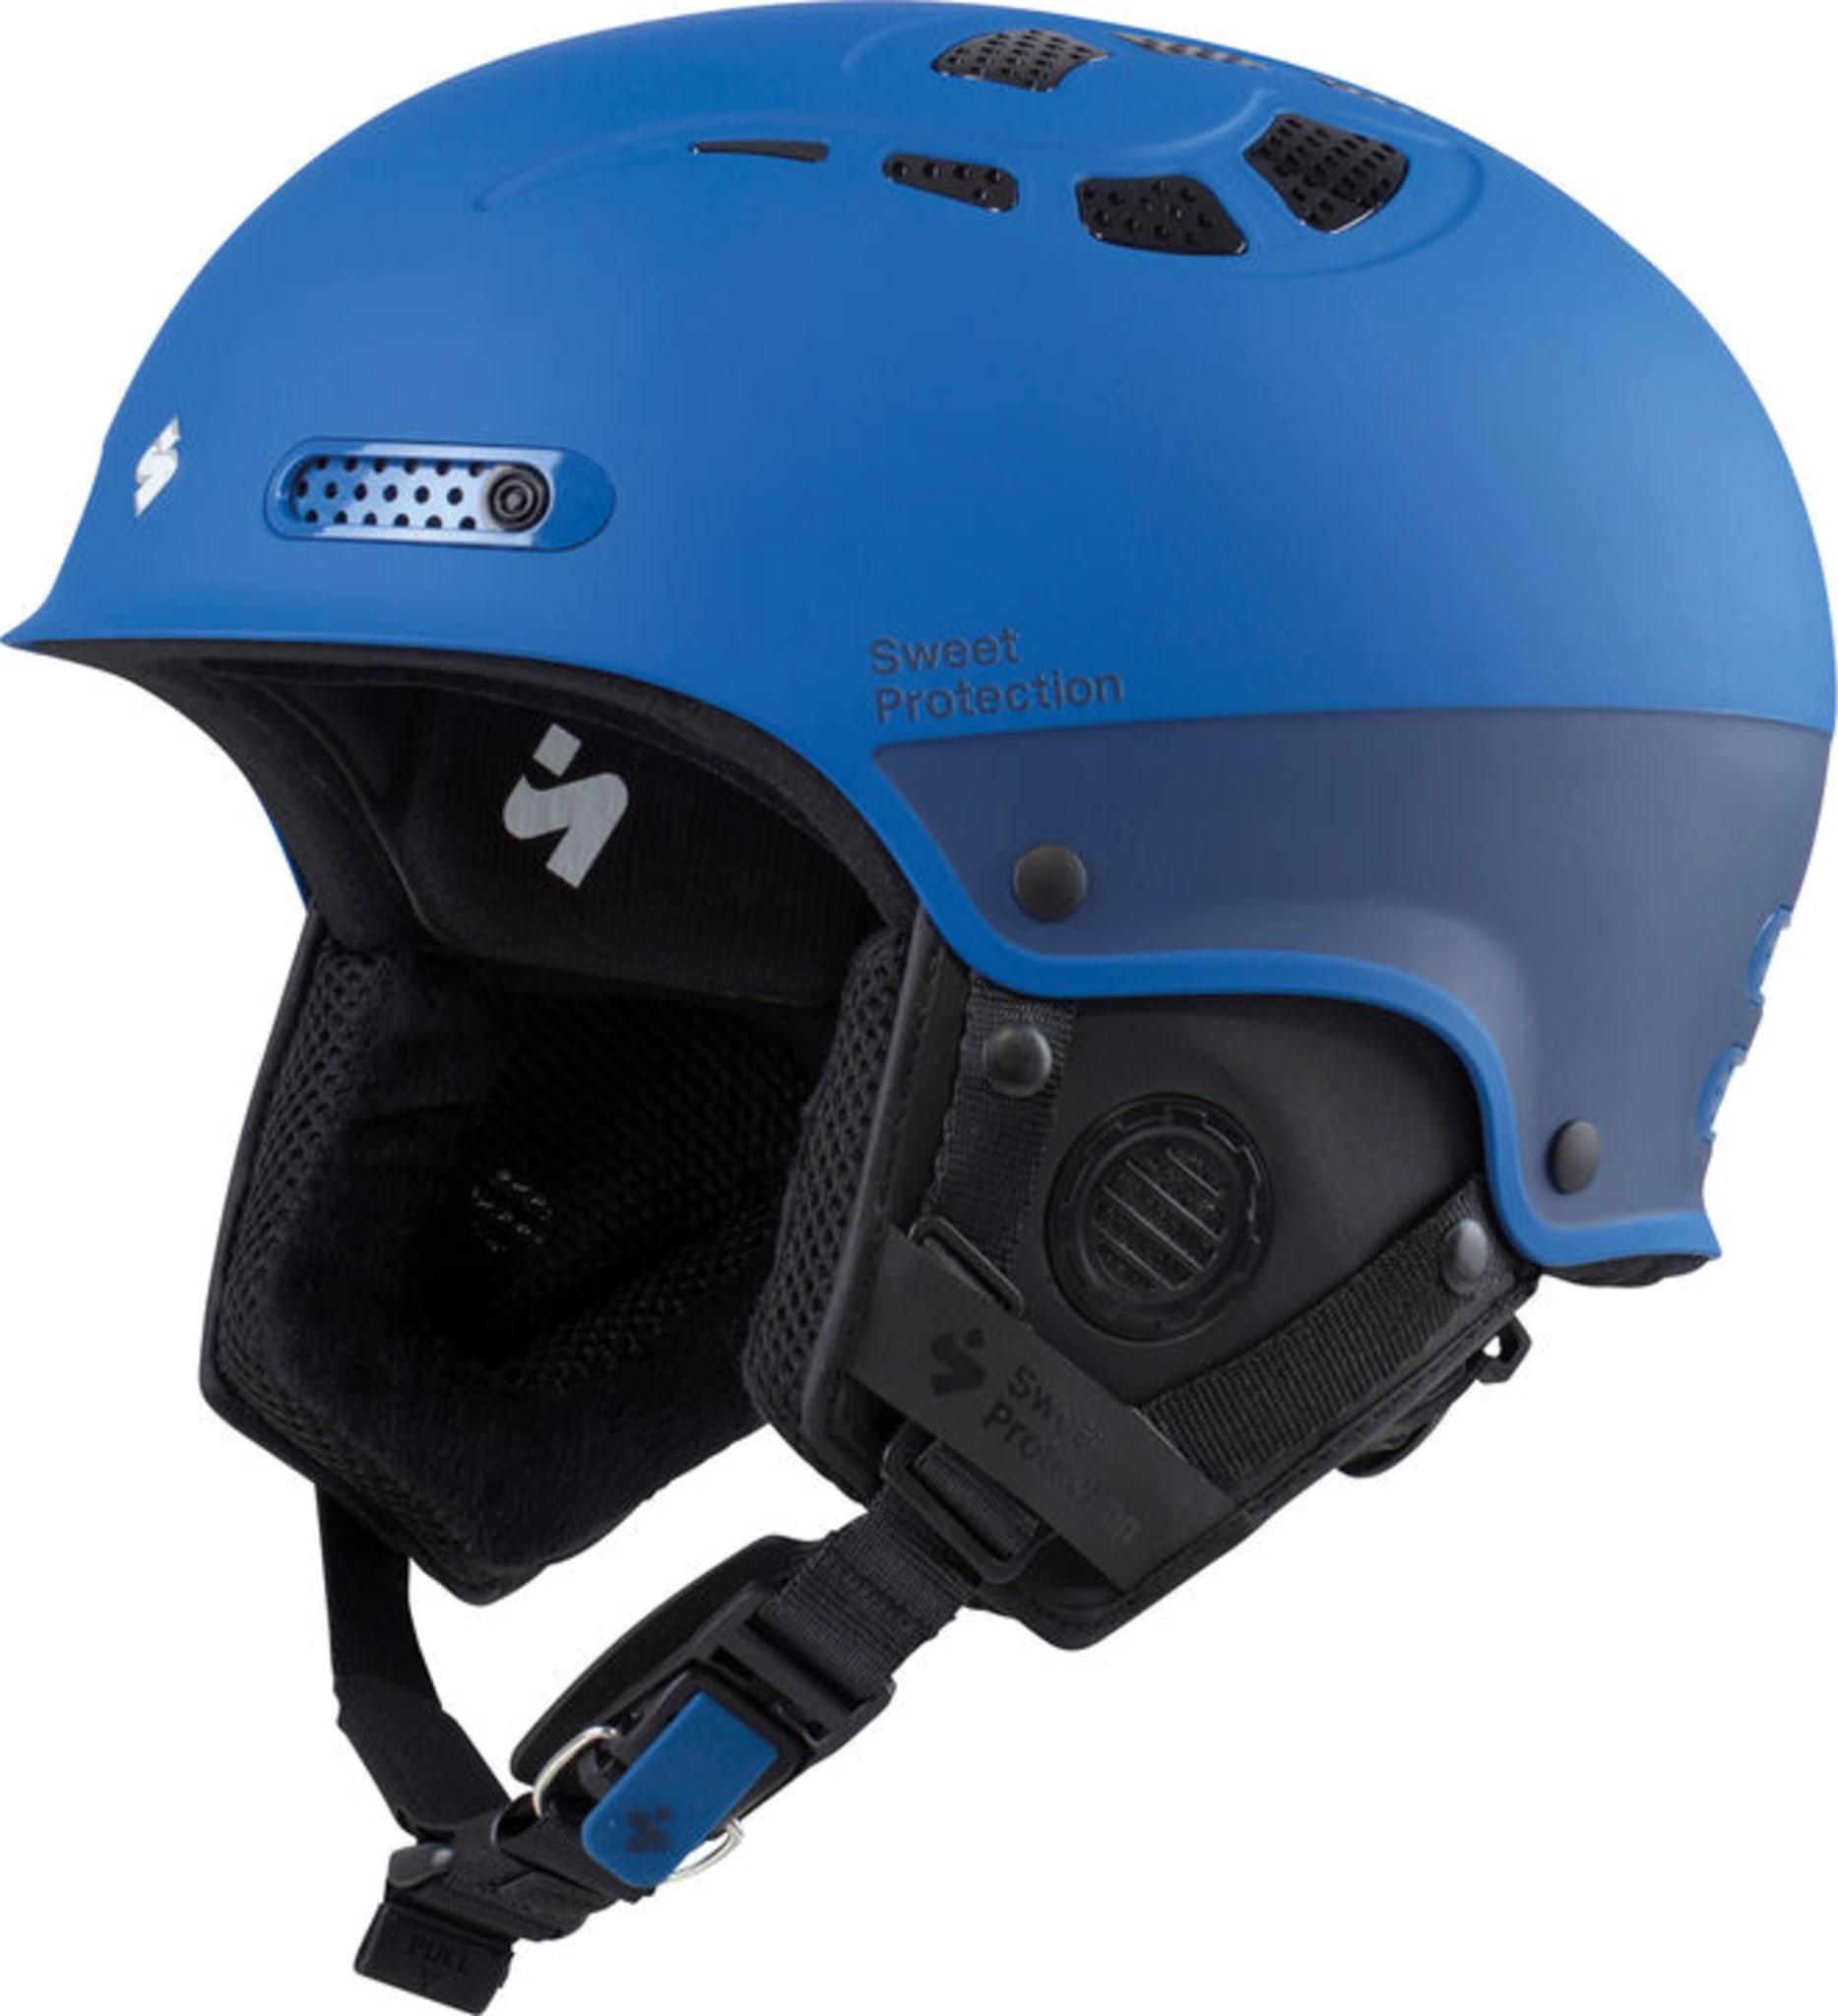 Lett og godt ventilert hjelm for toppturer og frikjøring